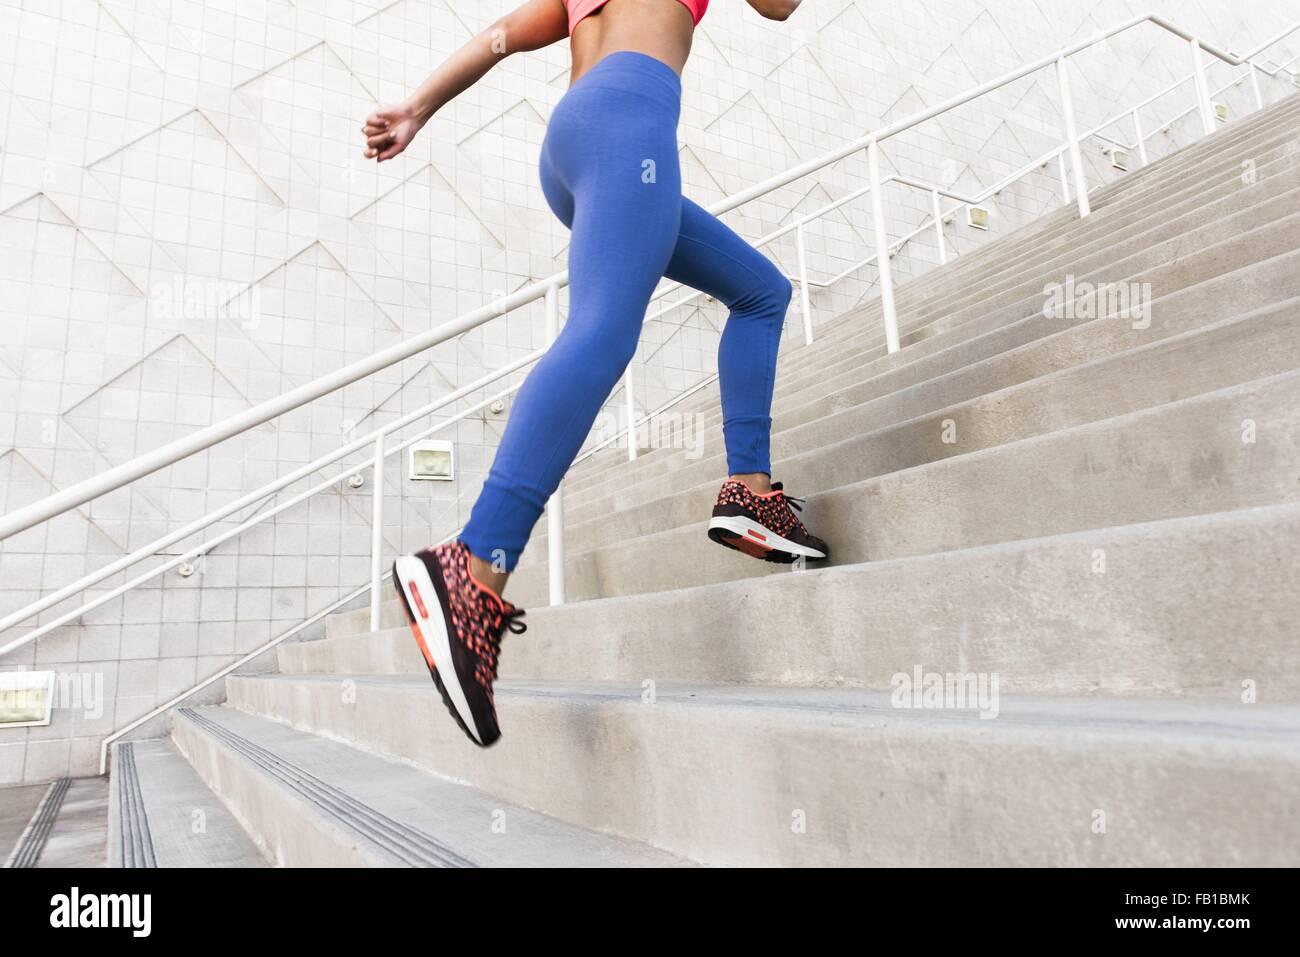 Basso angolo vista posteriore della giovane donna, che indossa abbigliamento sportivo in esecuzione su per le scale Immagini Stock